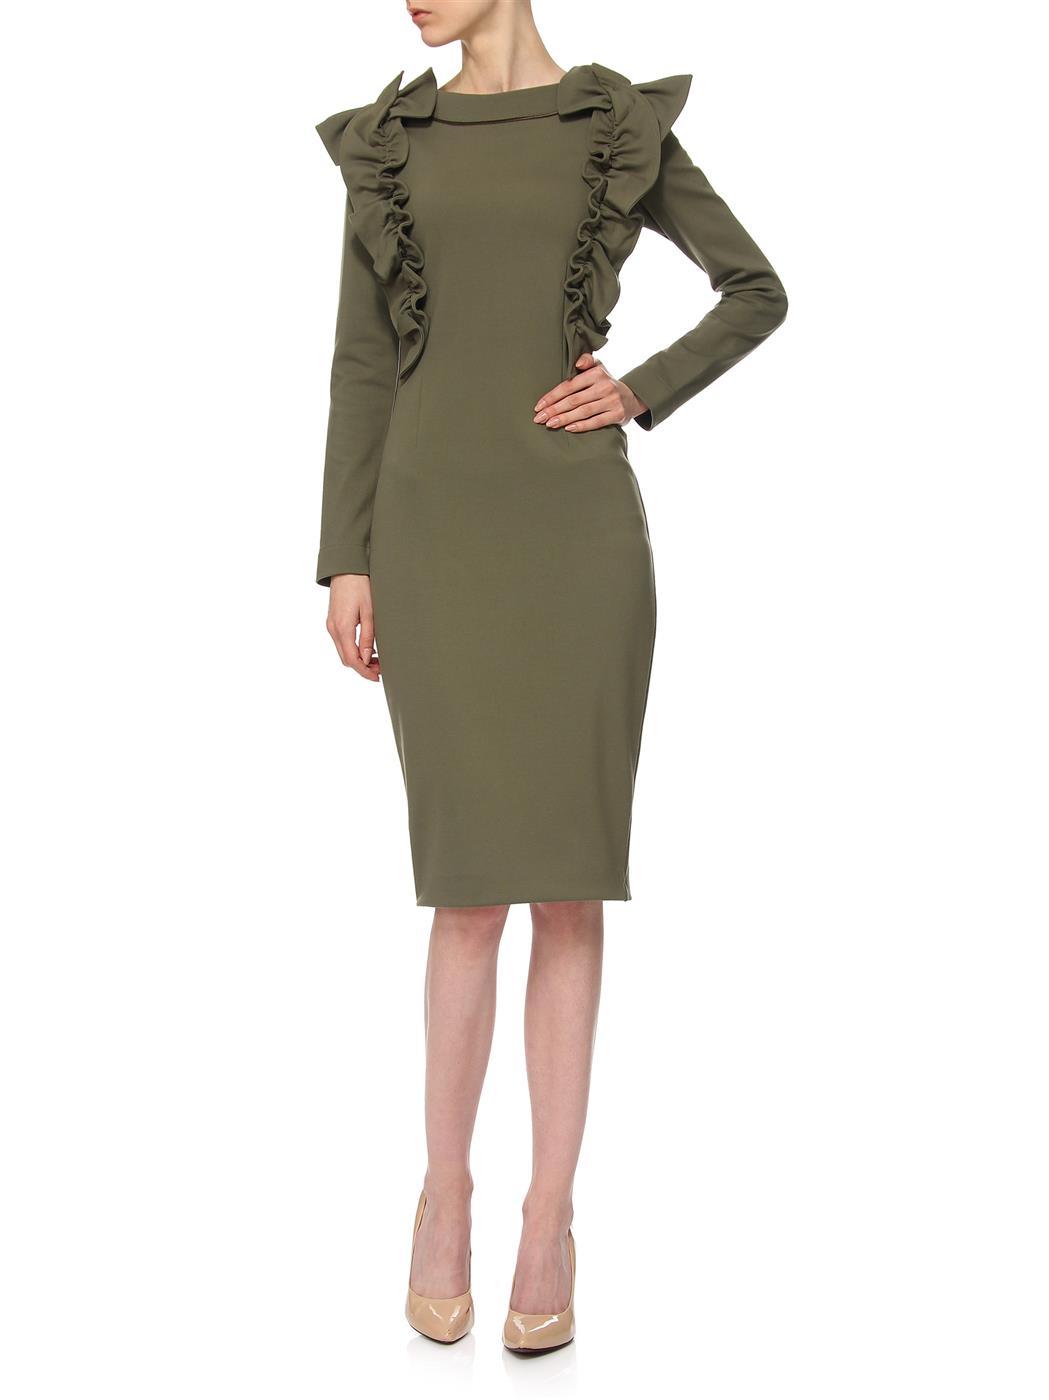 6d42b160cb6 Khaki Kleid YY100062